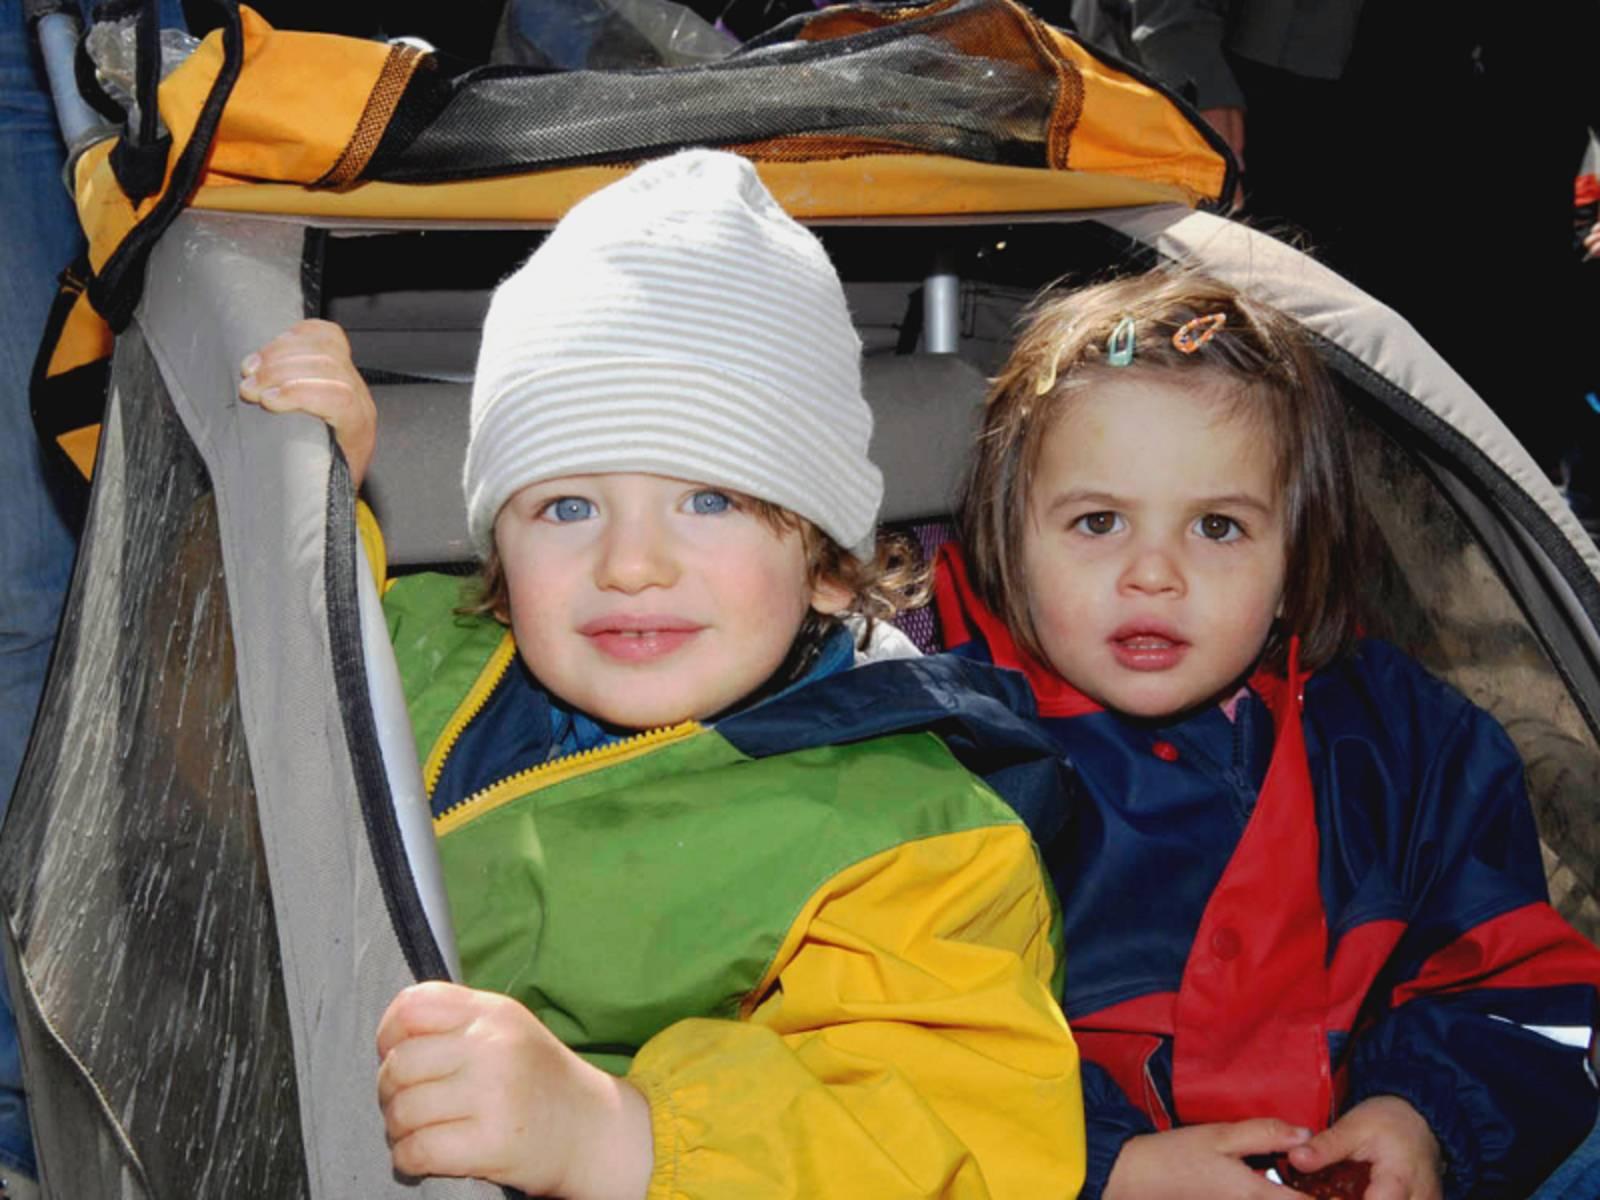 Ein Junge und ein Mädchen sitzen nebeneinander in einem Fahrradanhänger. Bunte Regenkleidung schützt sie vor Wind und Wetter.